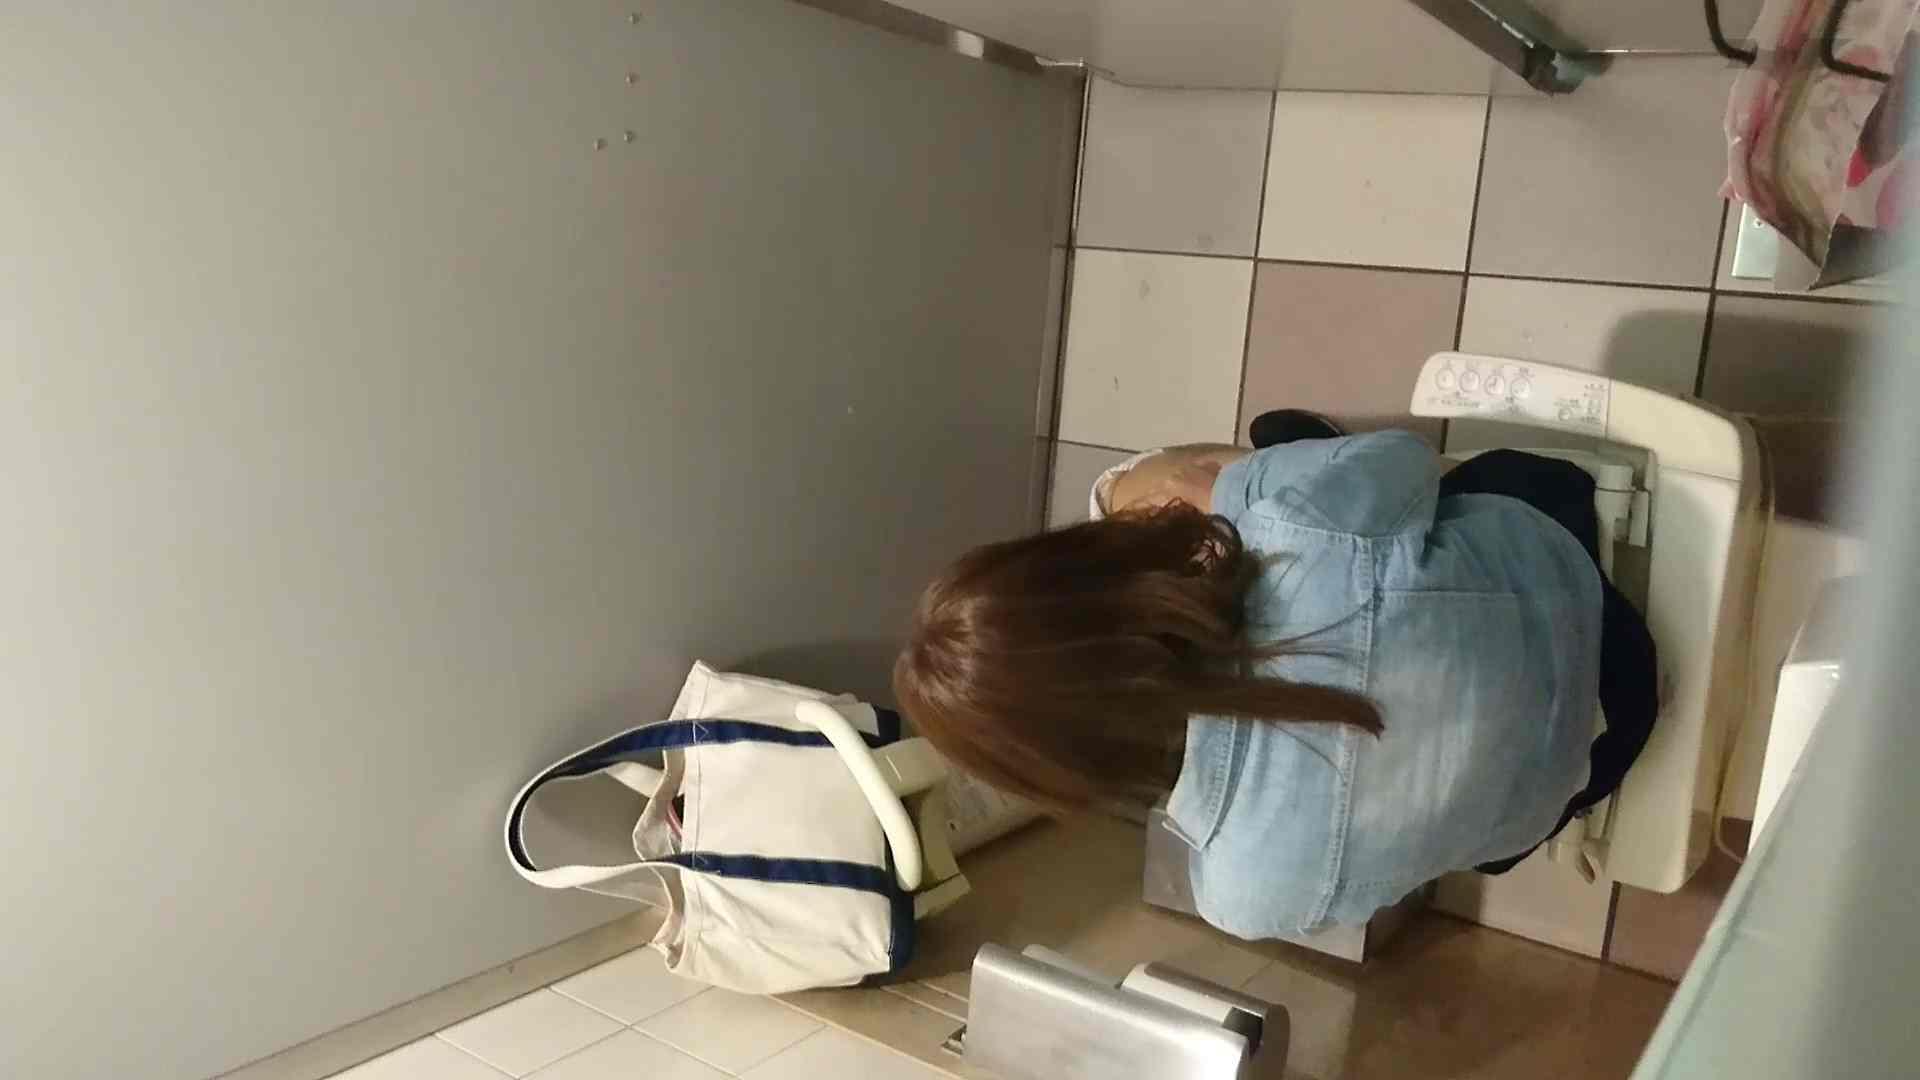 化粧室絵巻 ショッピングモール編 VOL.17 OL  71pic 11